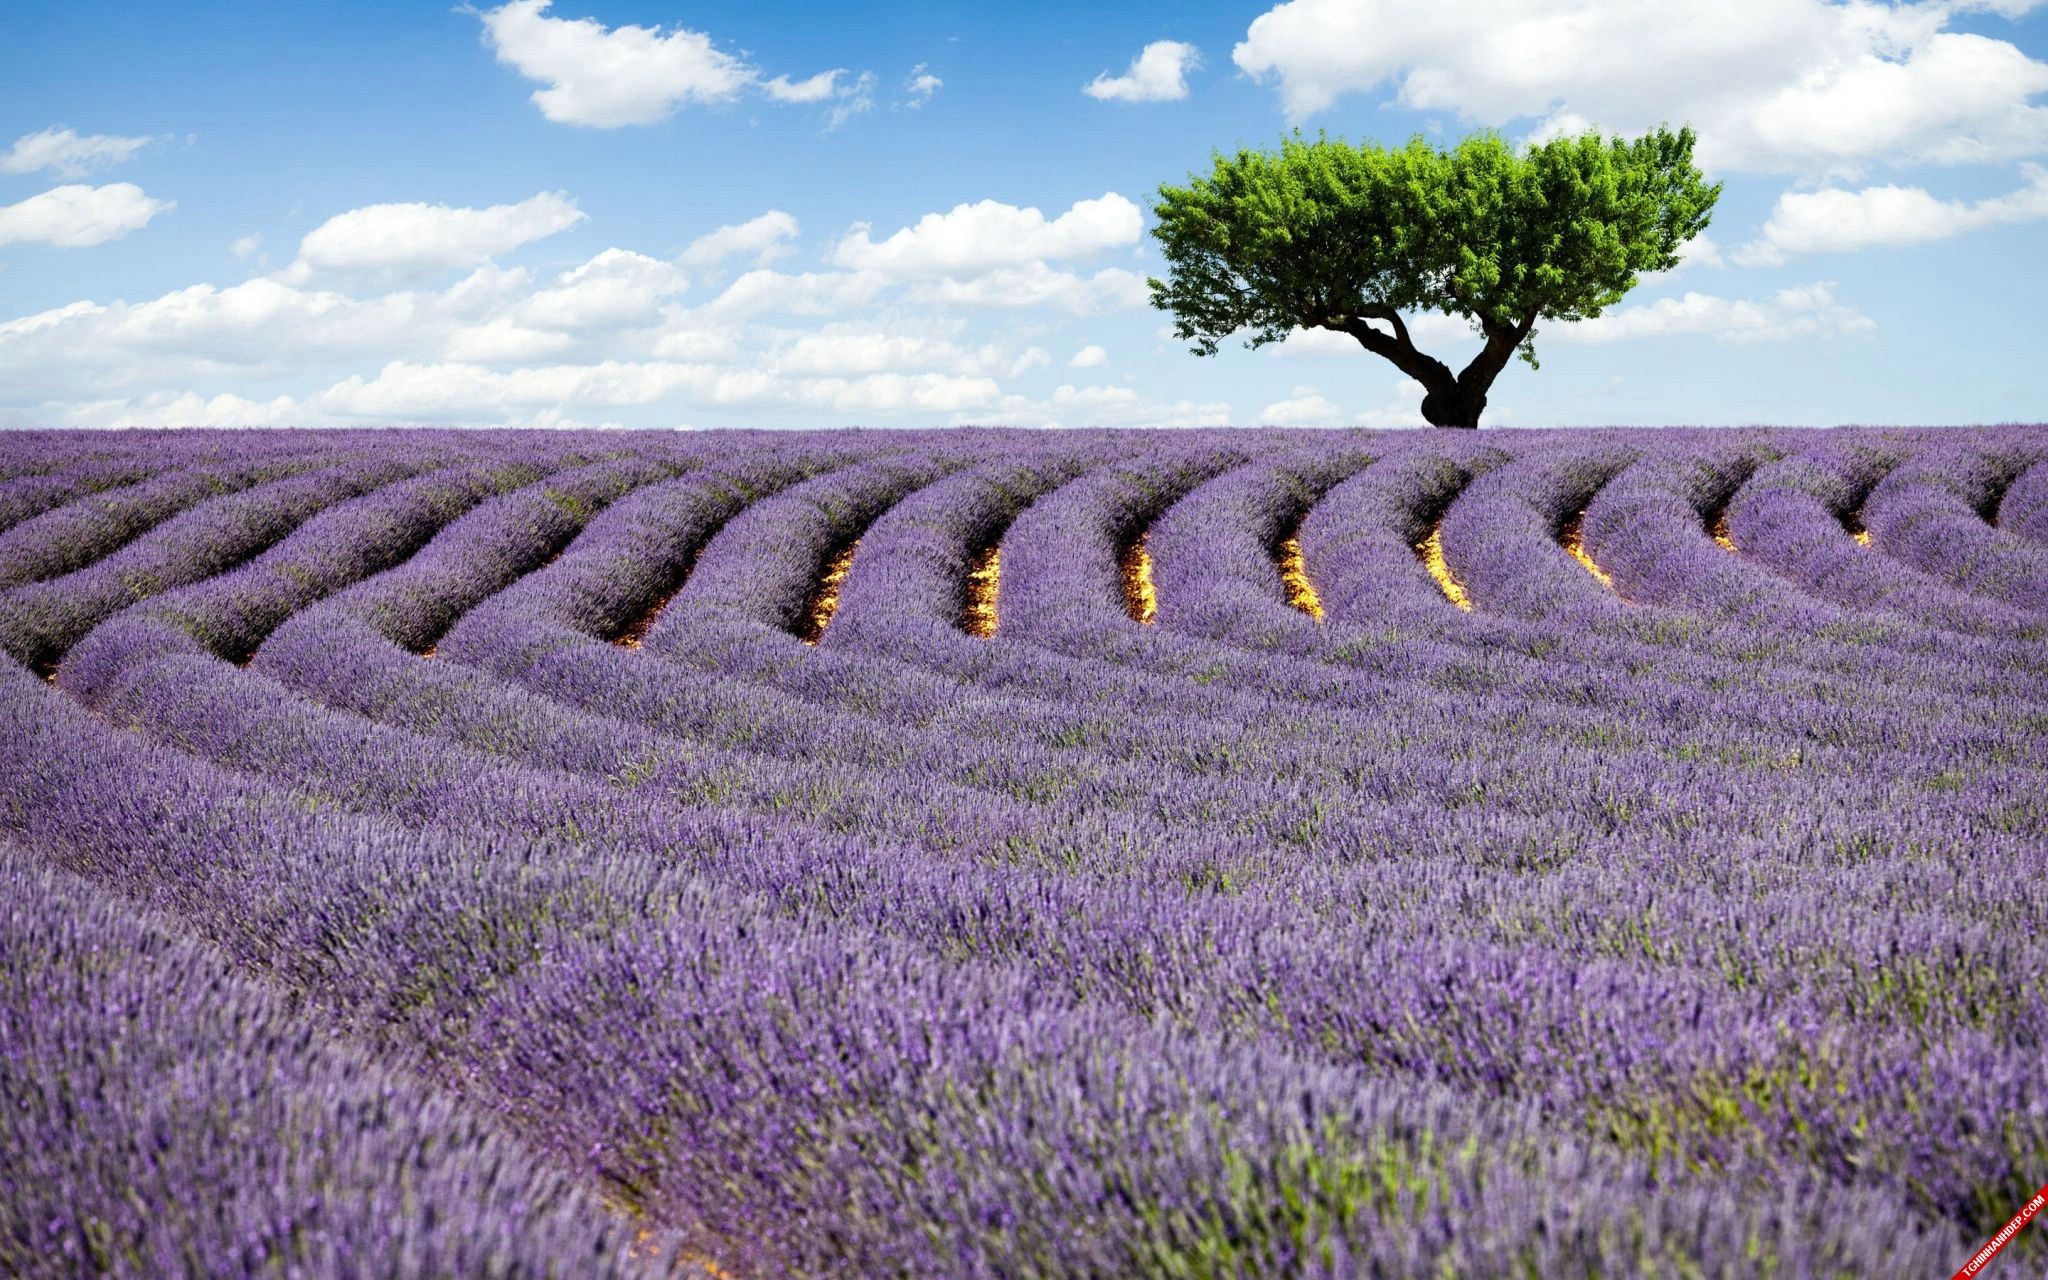 Ngắm những cánh đồng hoa oải hương sắc tím ngọt ngào